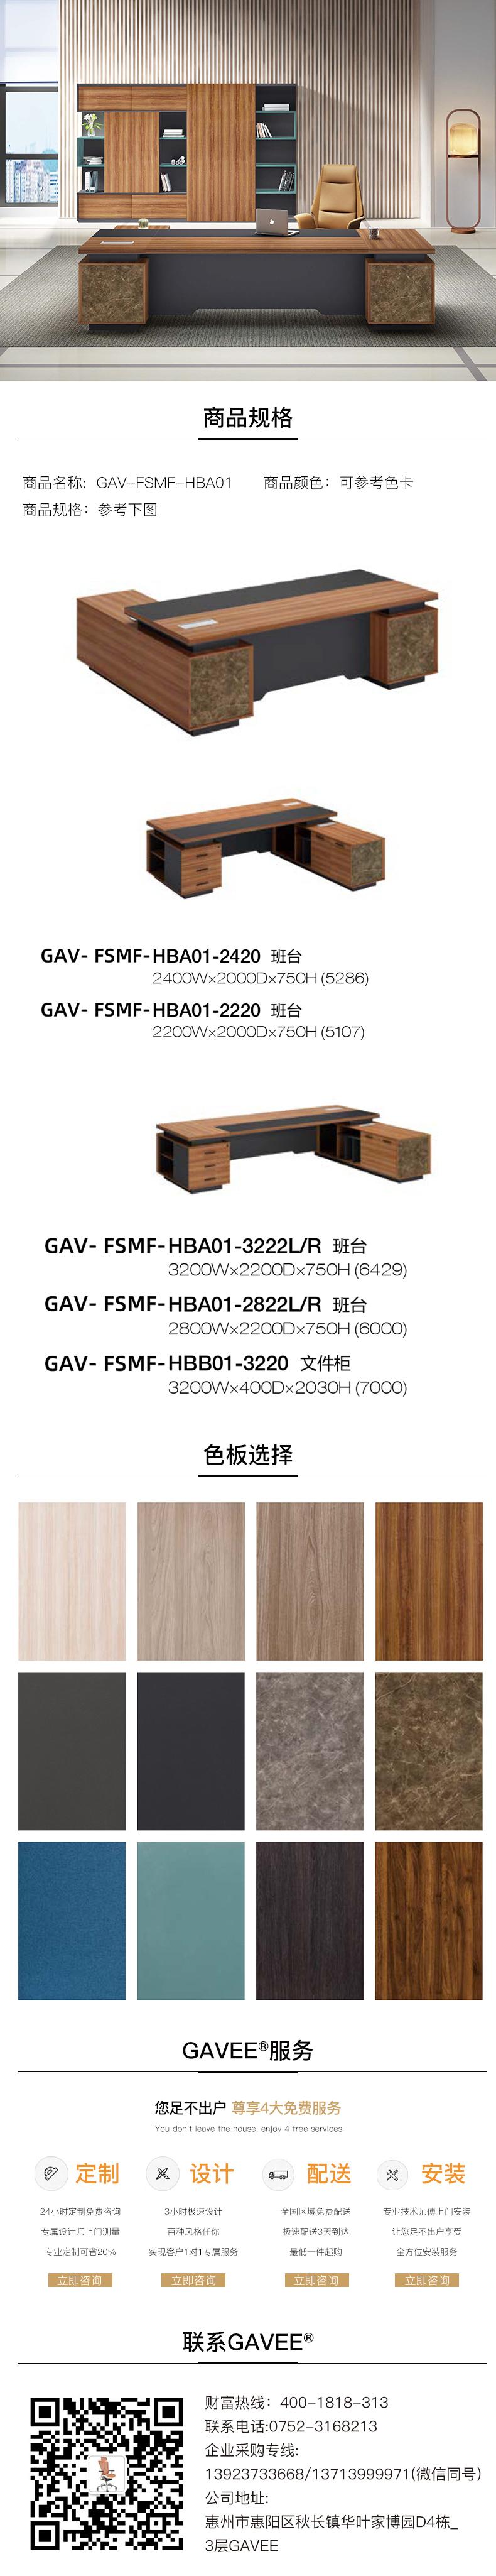 高層決策系統GAV-FSMF-HBA01.jpg